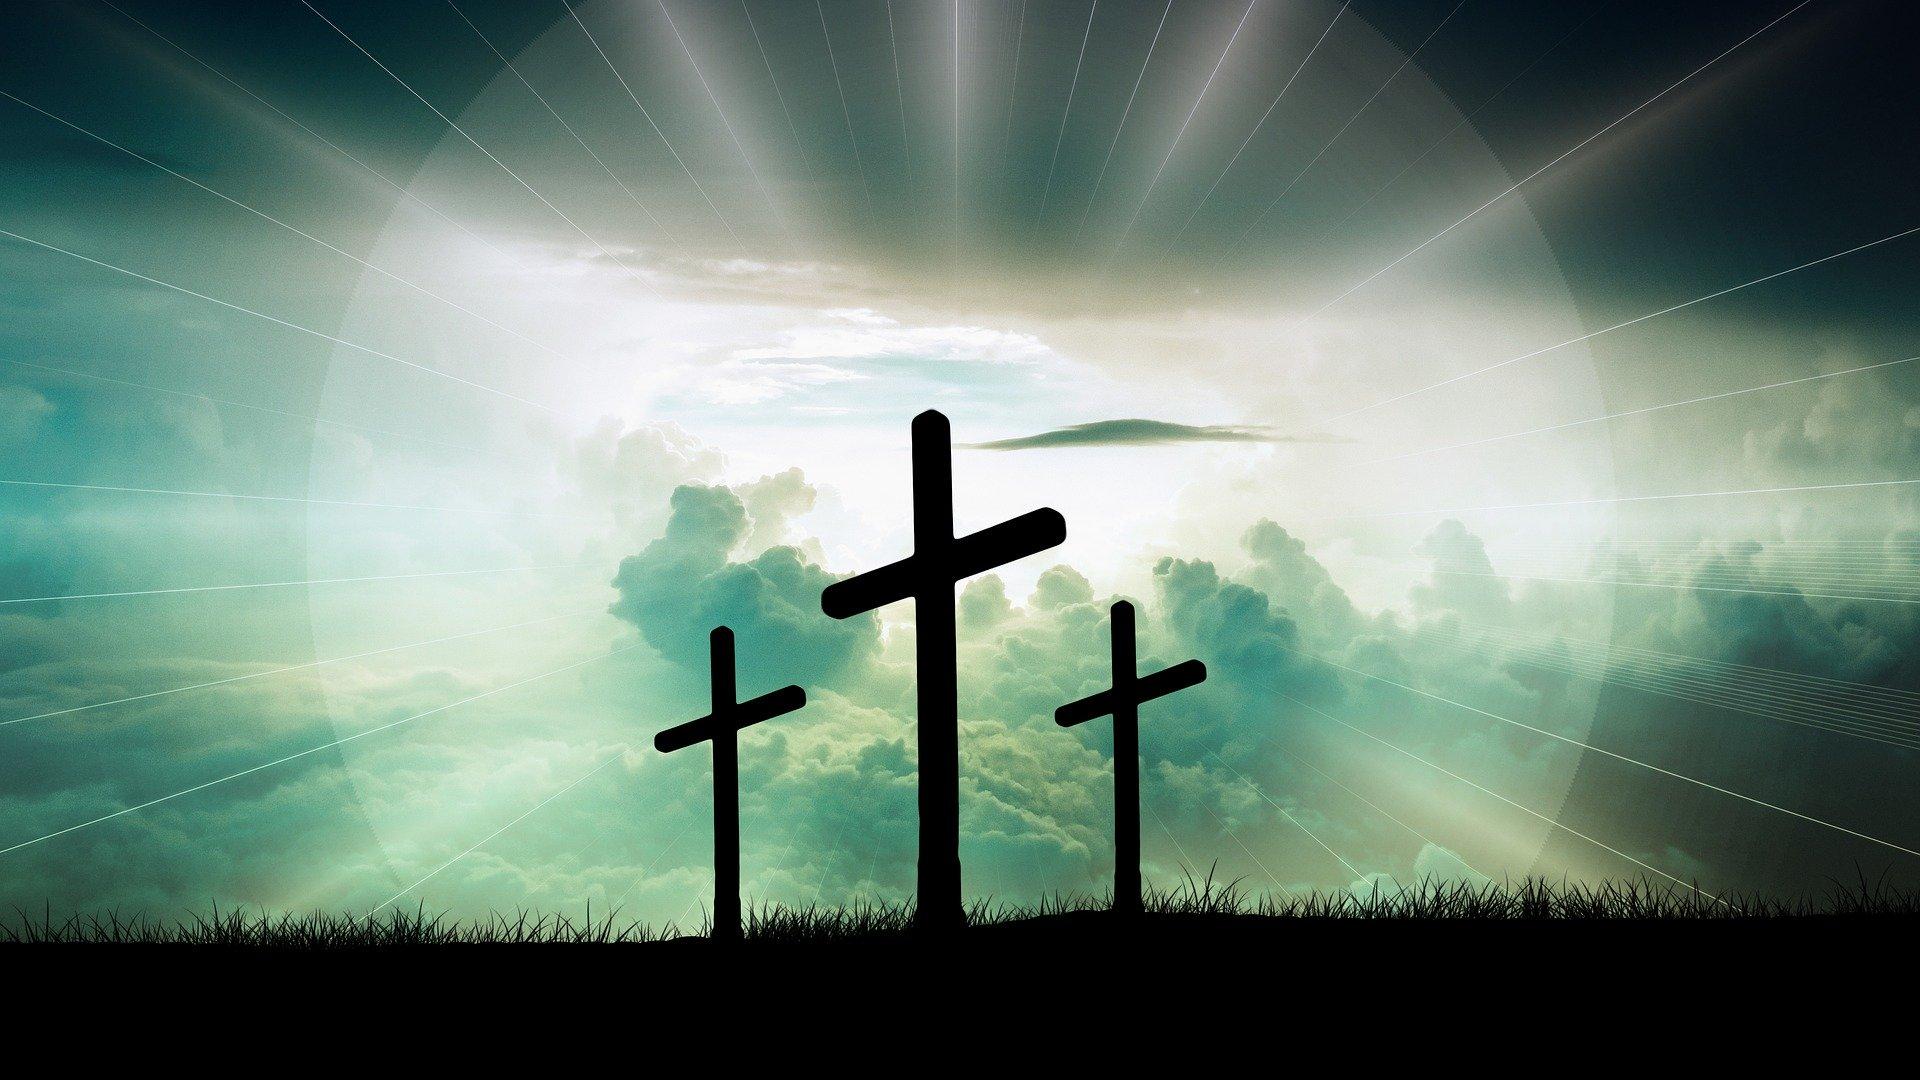 The cross of faith